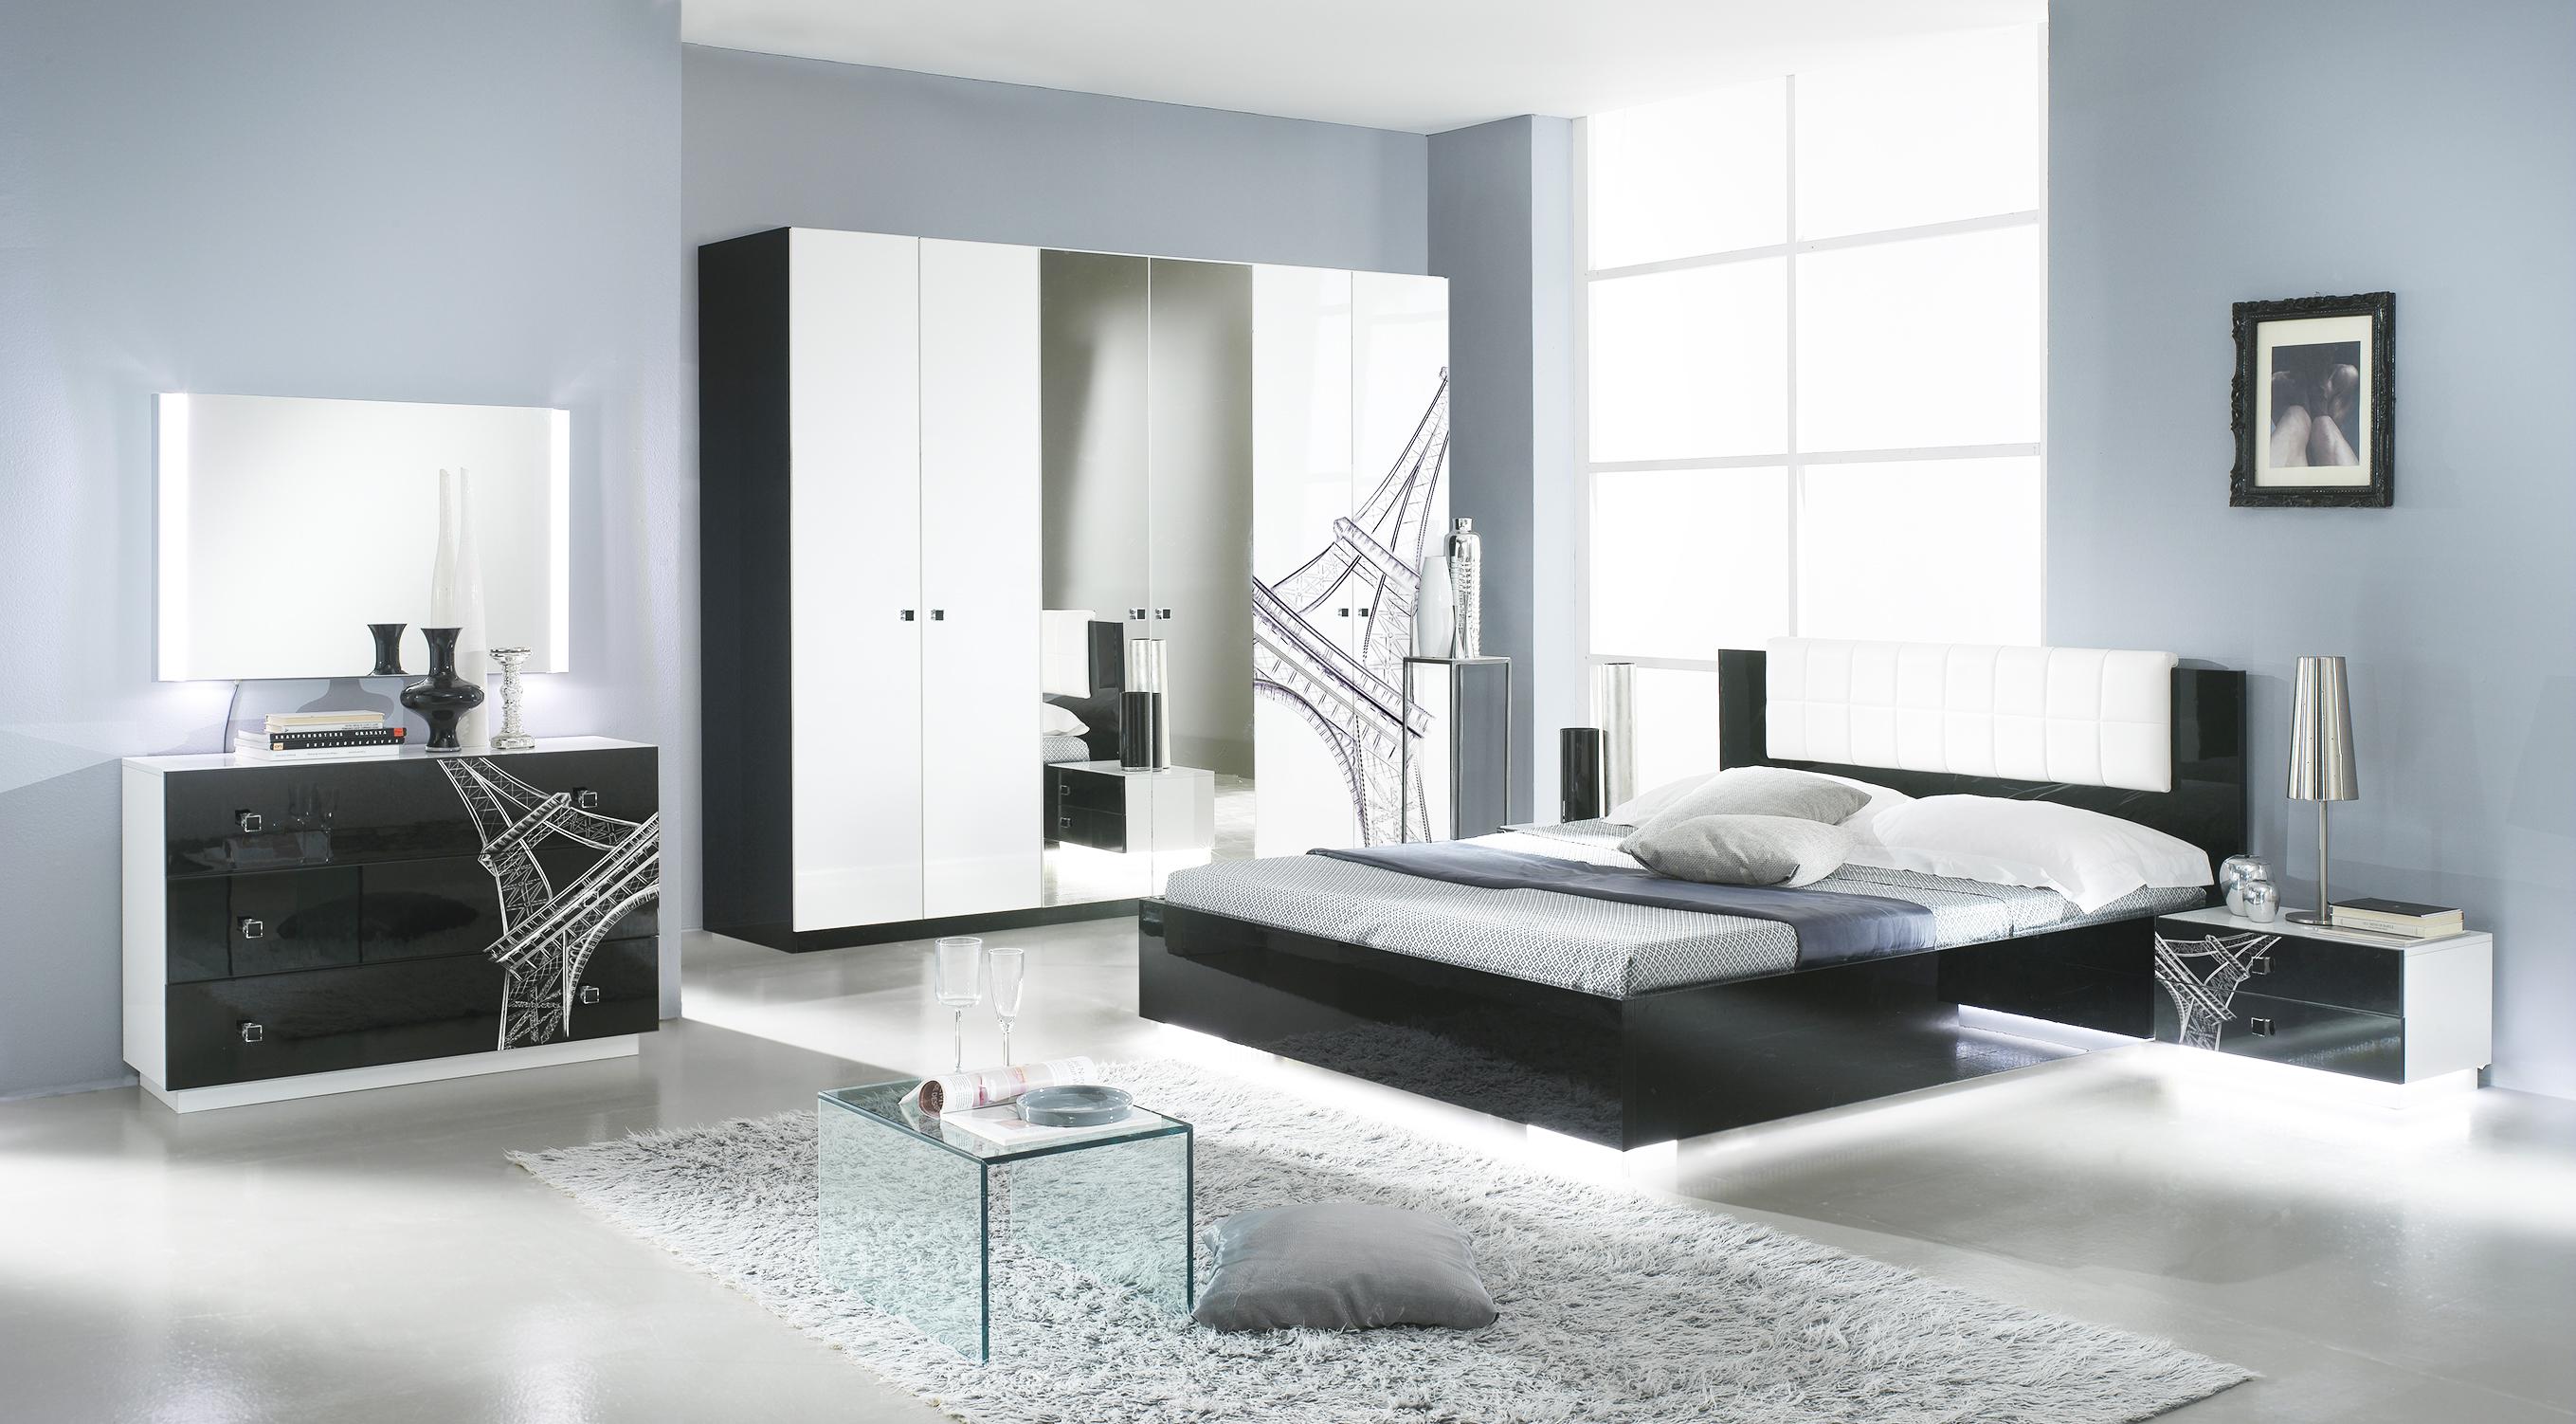 Schlafzimmer VIVIENNE in Schwarz Weiß Modern Design - Kaufen bei ...